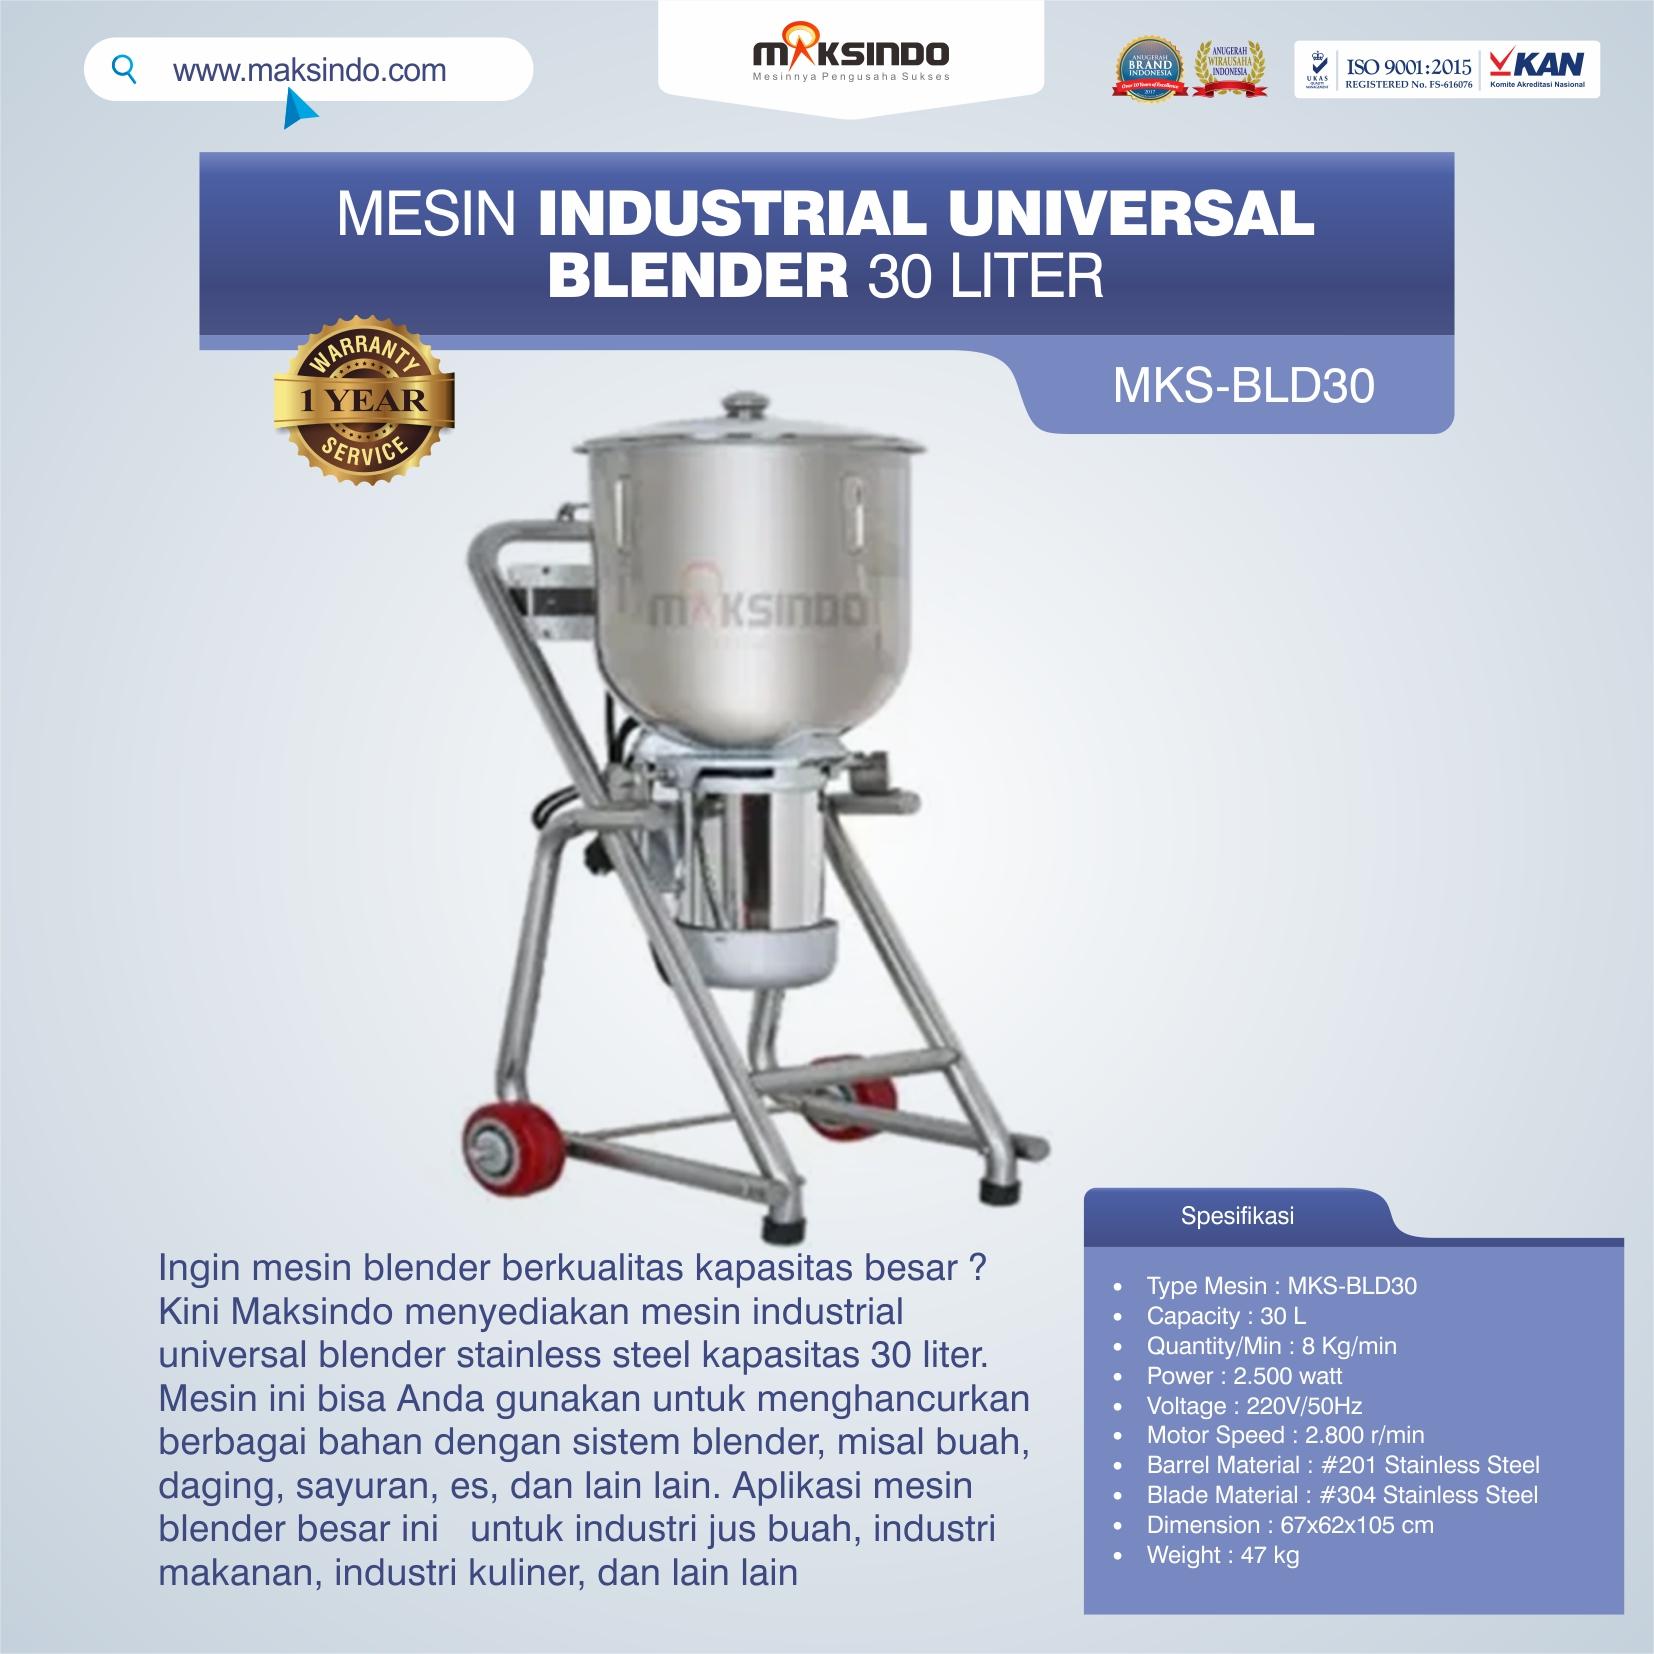 Jual Industrial Universal Blender 30 Liter MKS-BLD30 di Bandung